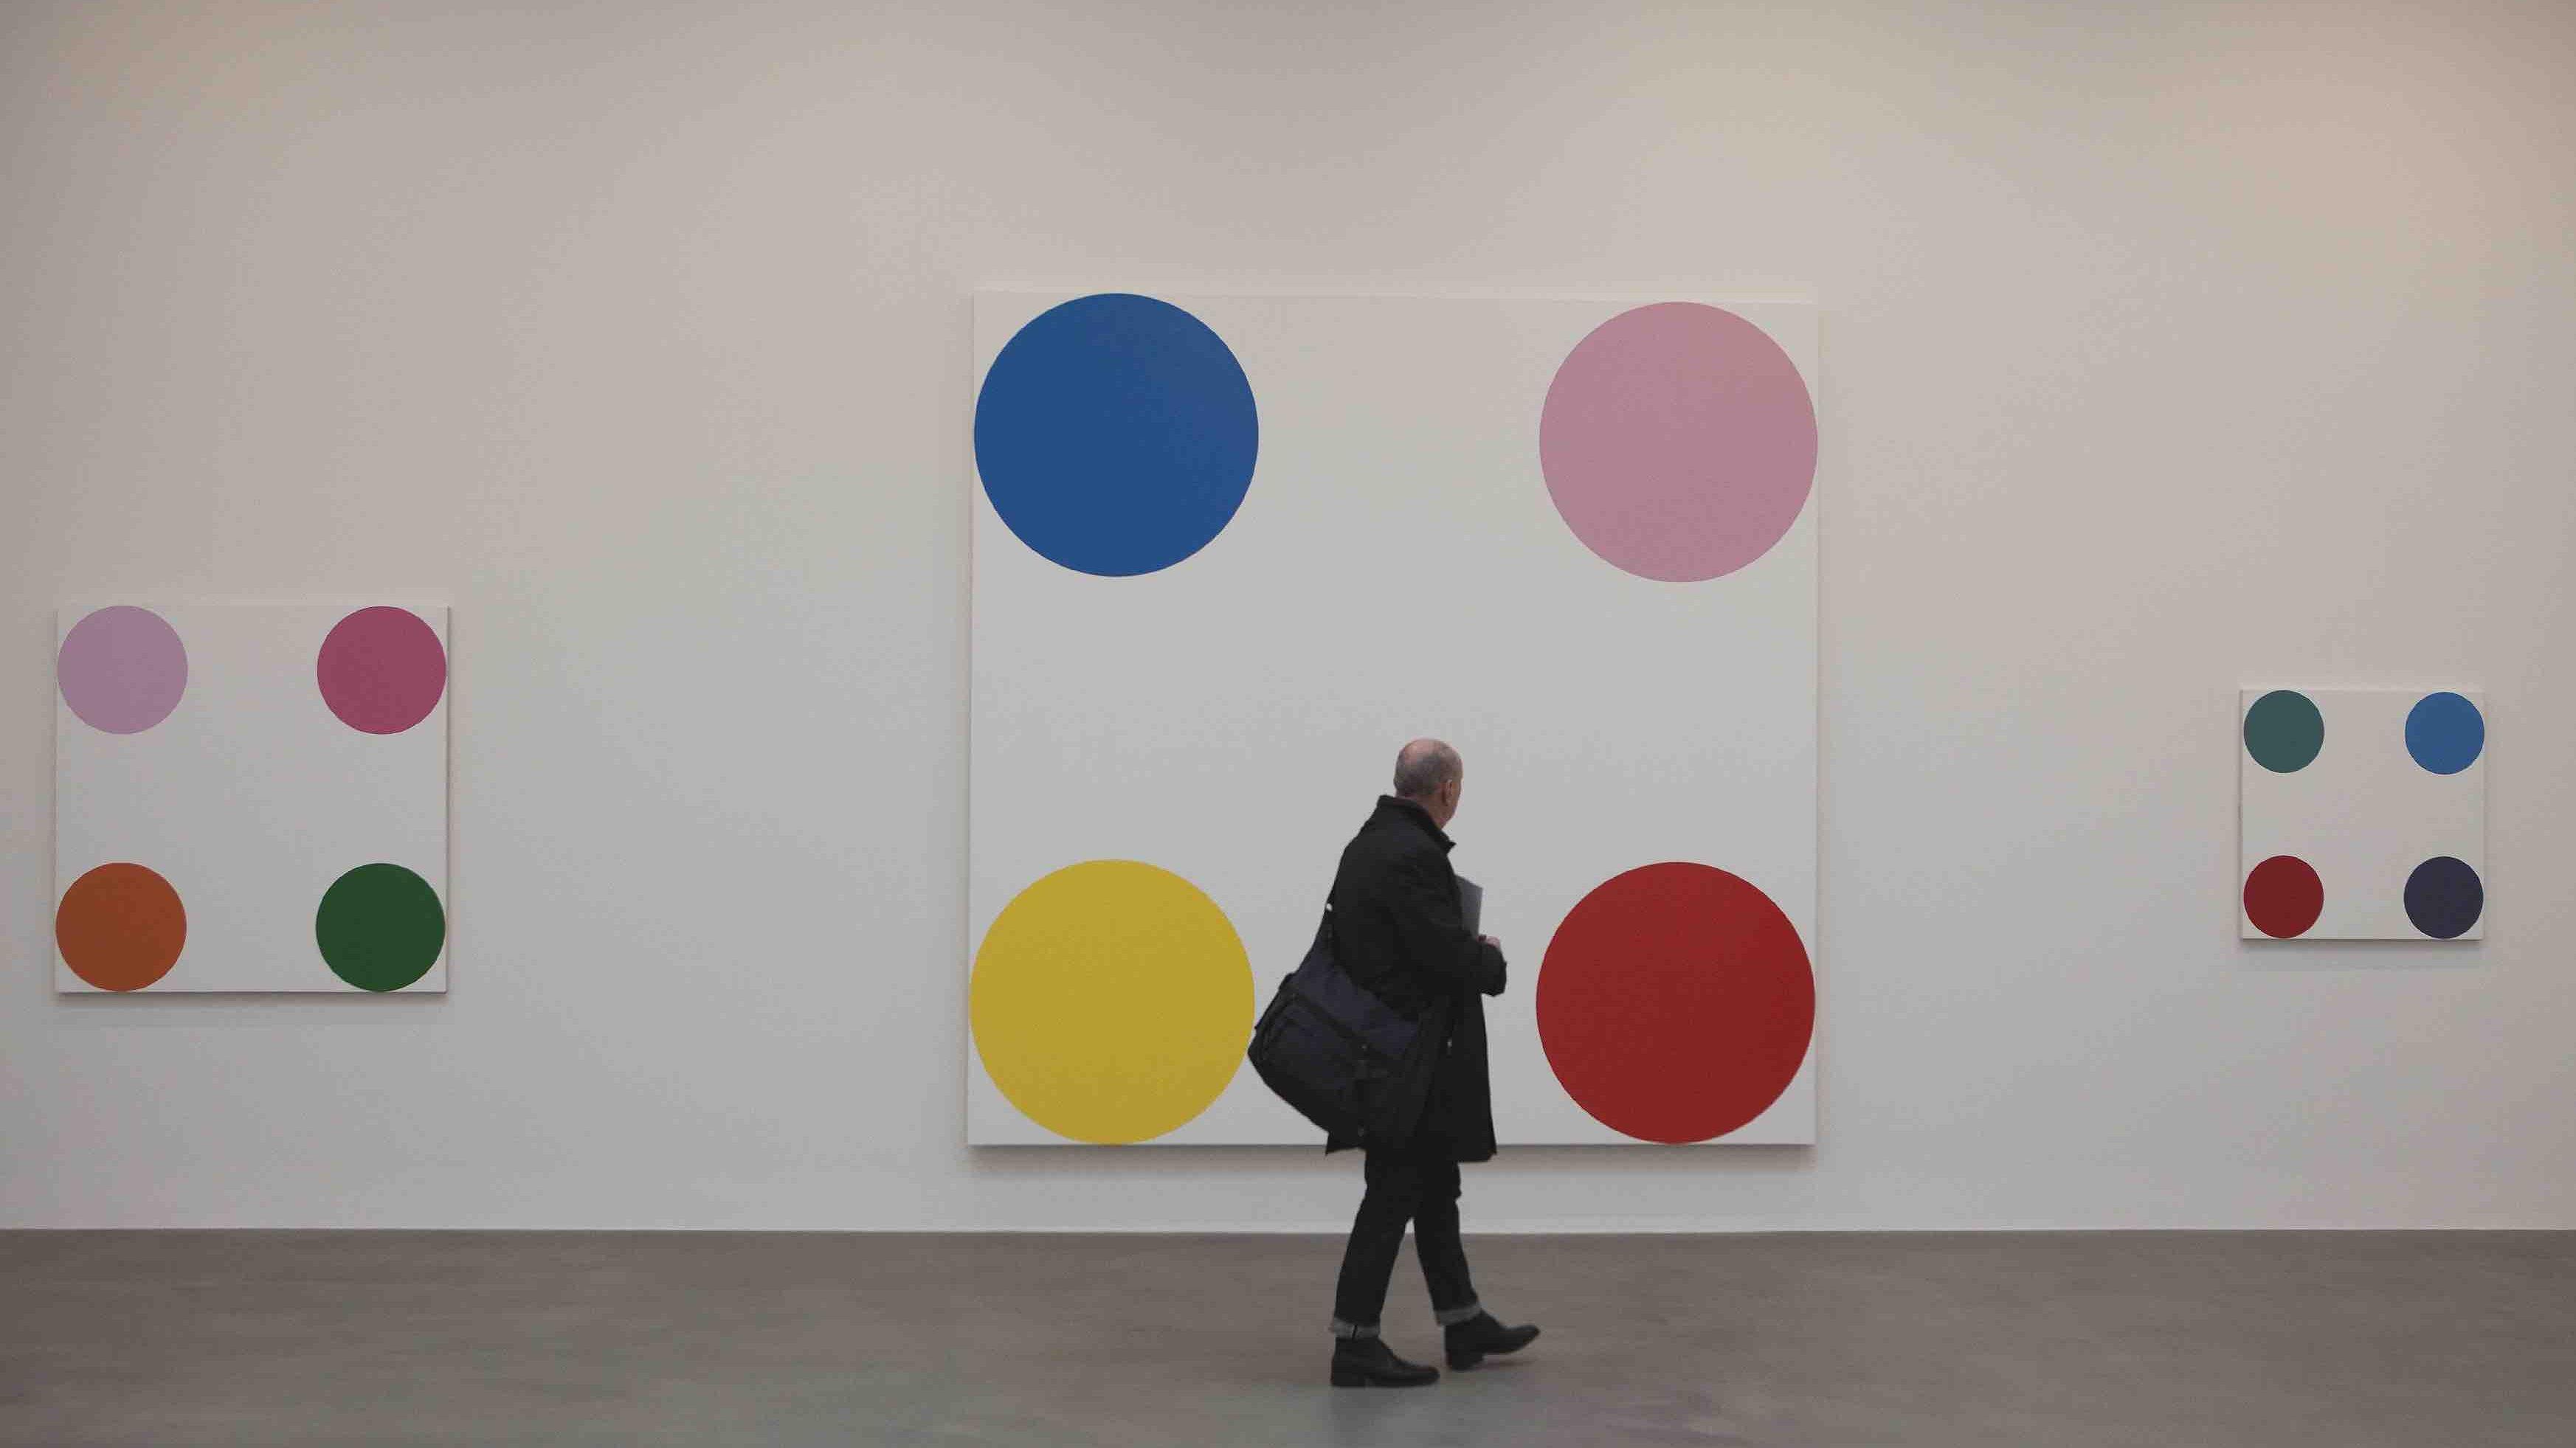 En mand kigger på tre udstillede spot-malerier malet af kunstneren Damien Hirst.